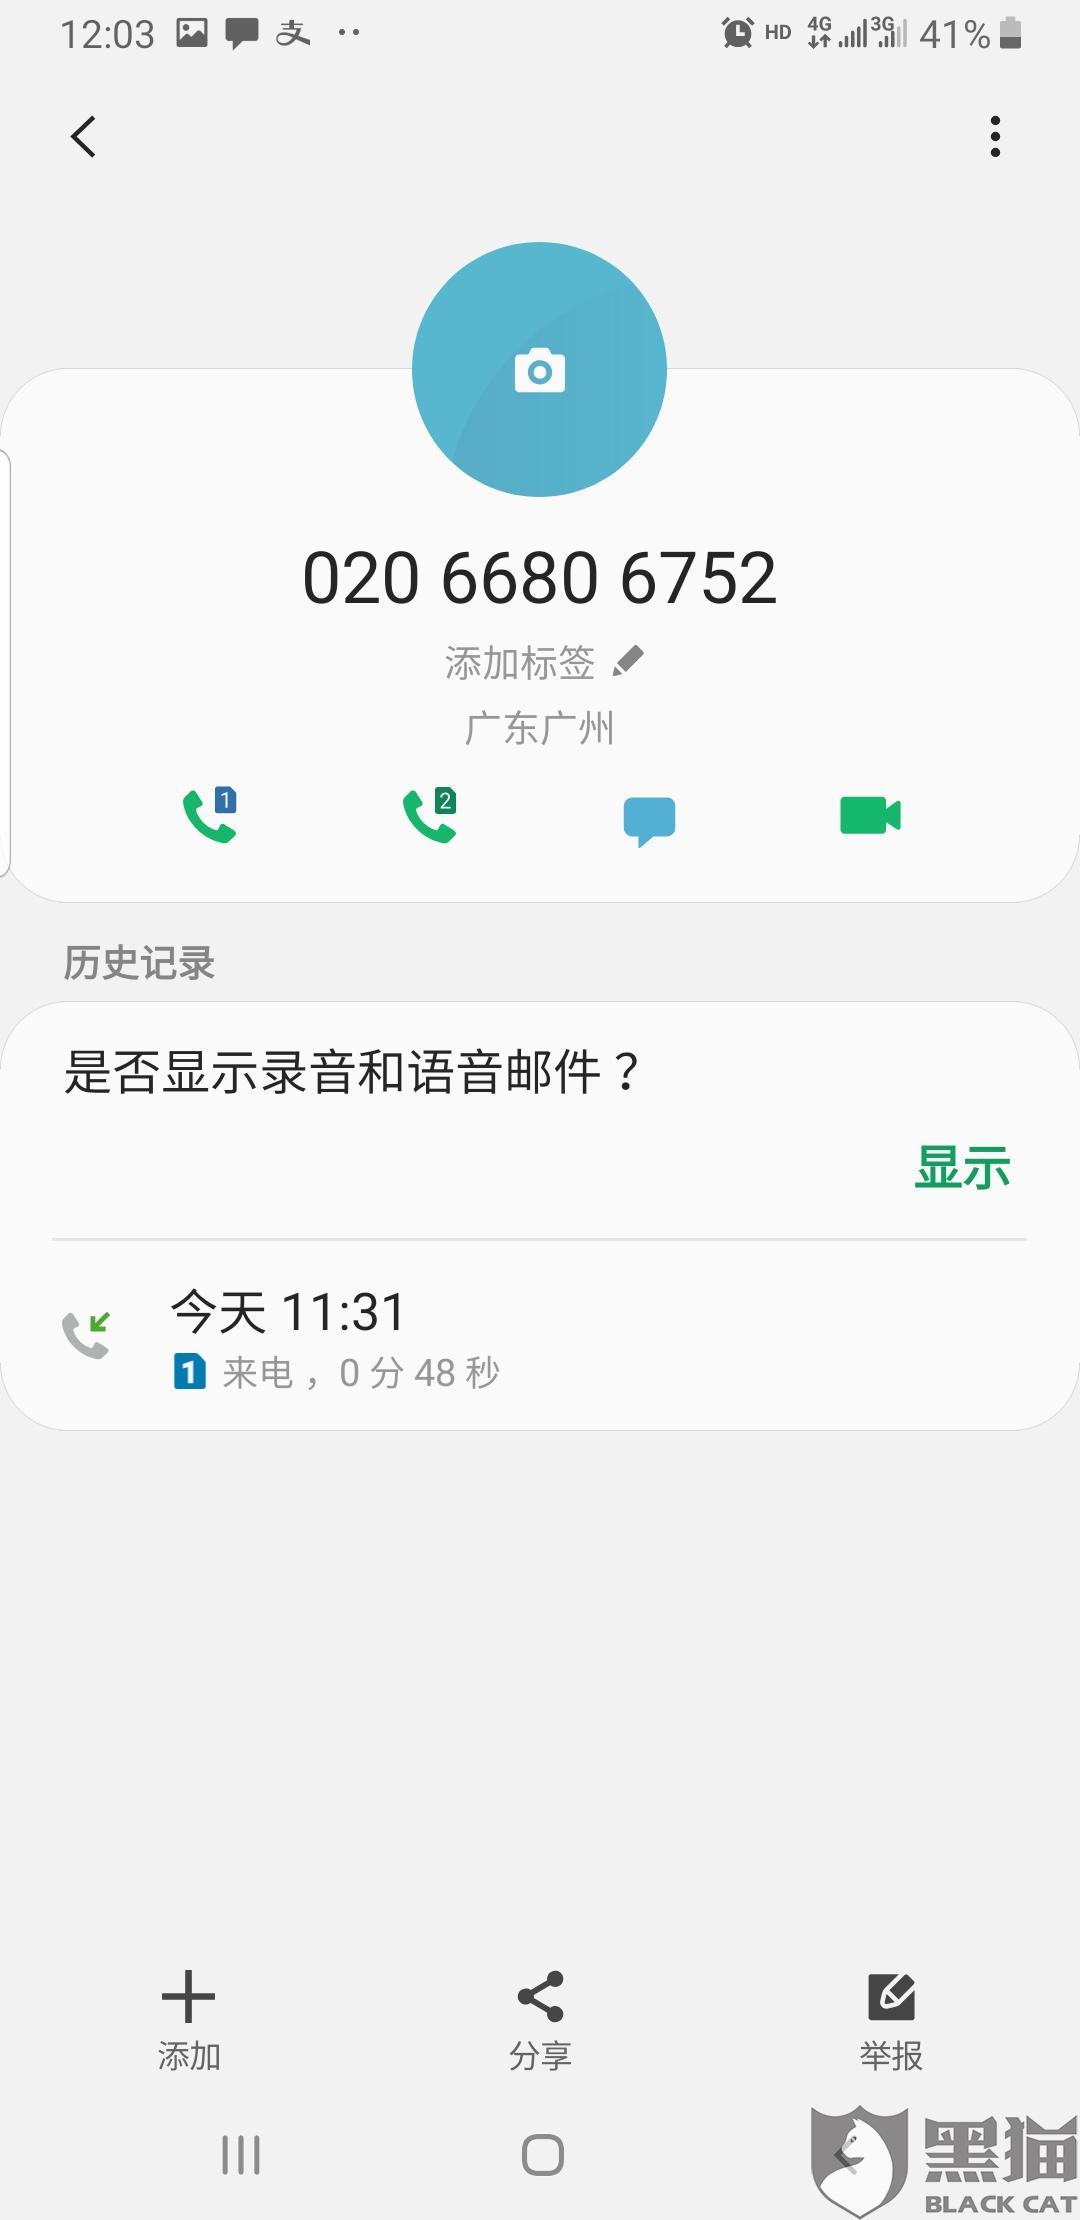 黑猫投诉:明日快信app以输入资料查额度为由,产生虚假订单